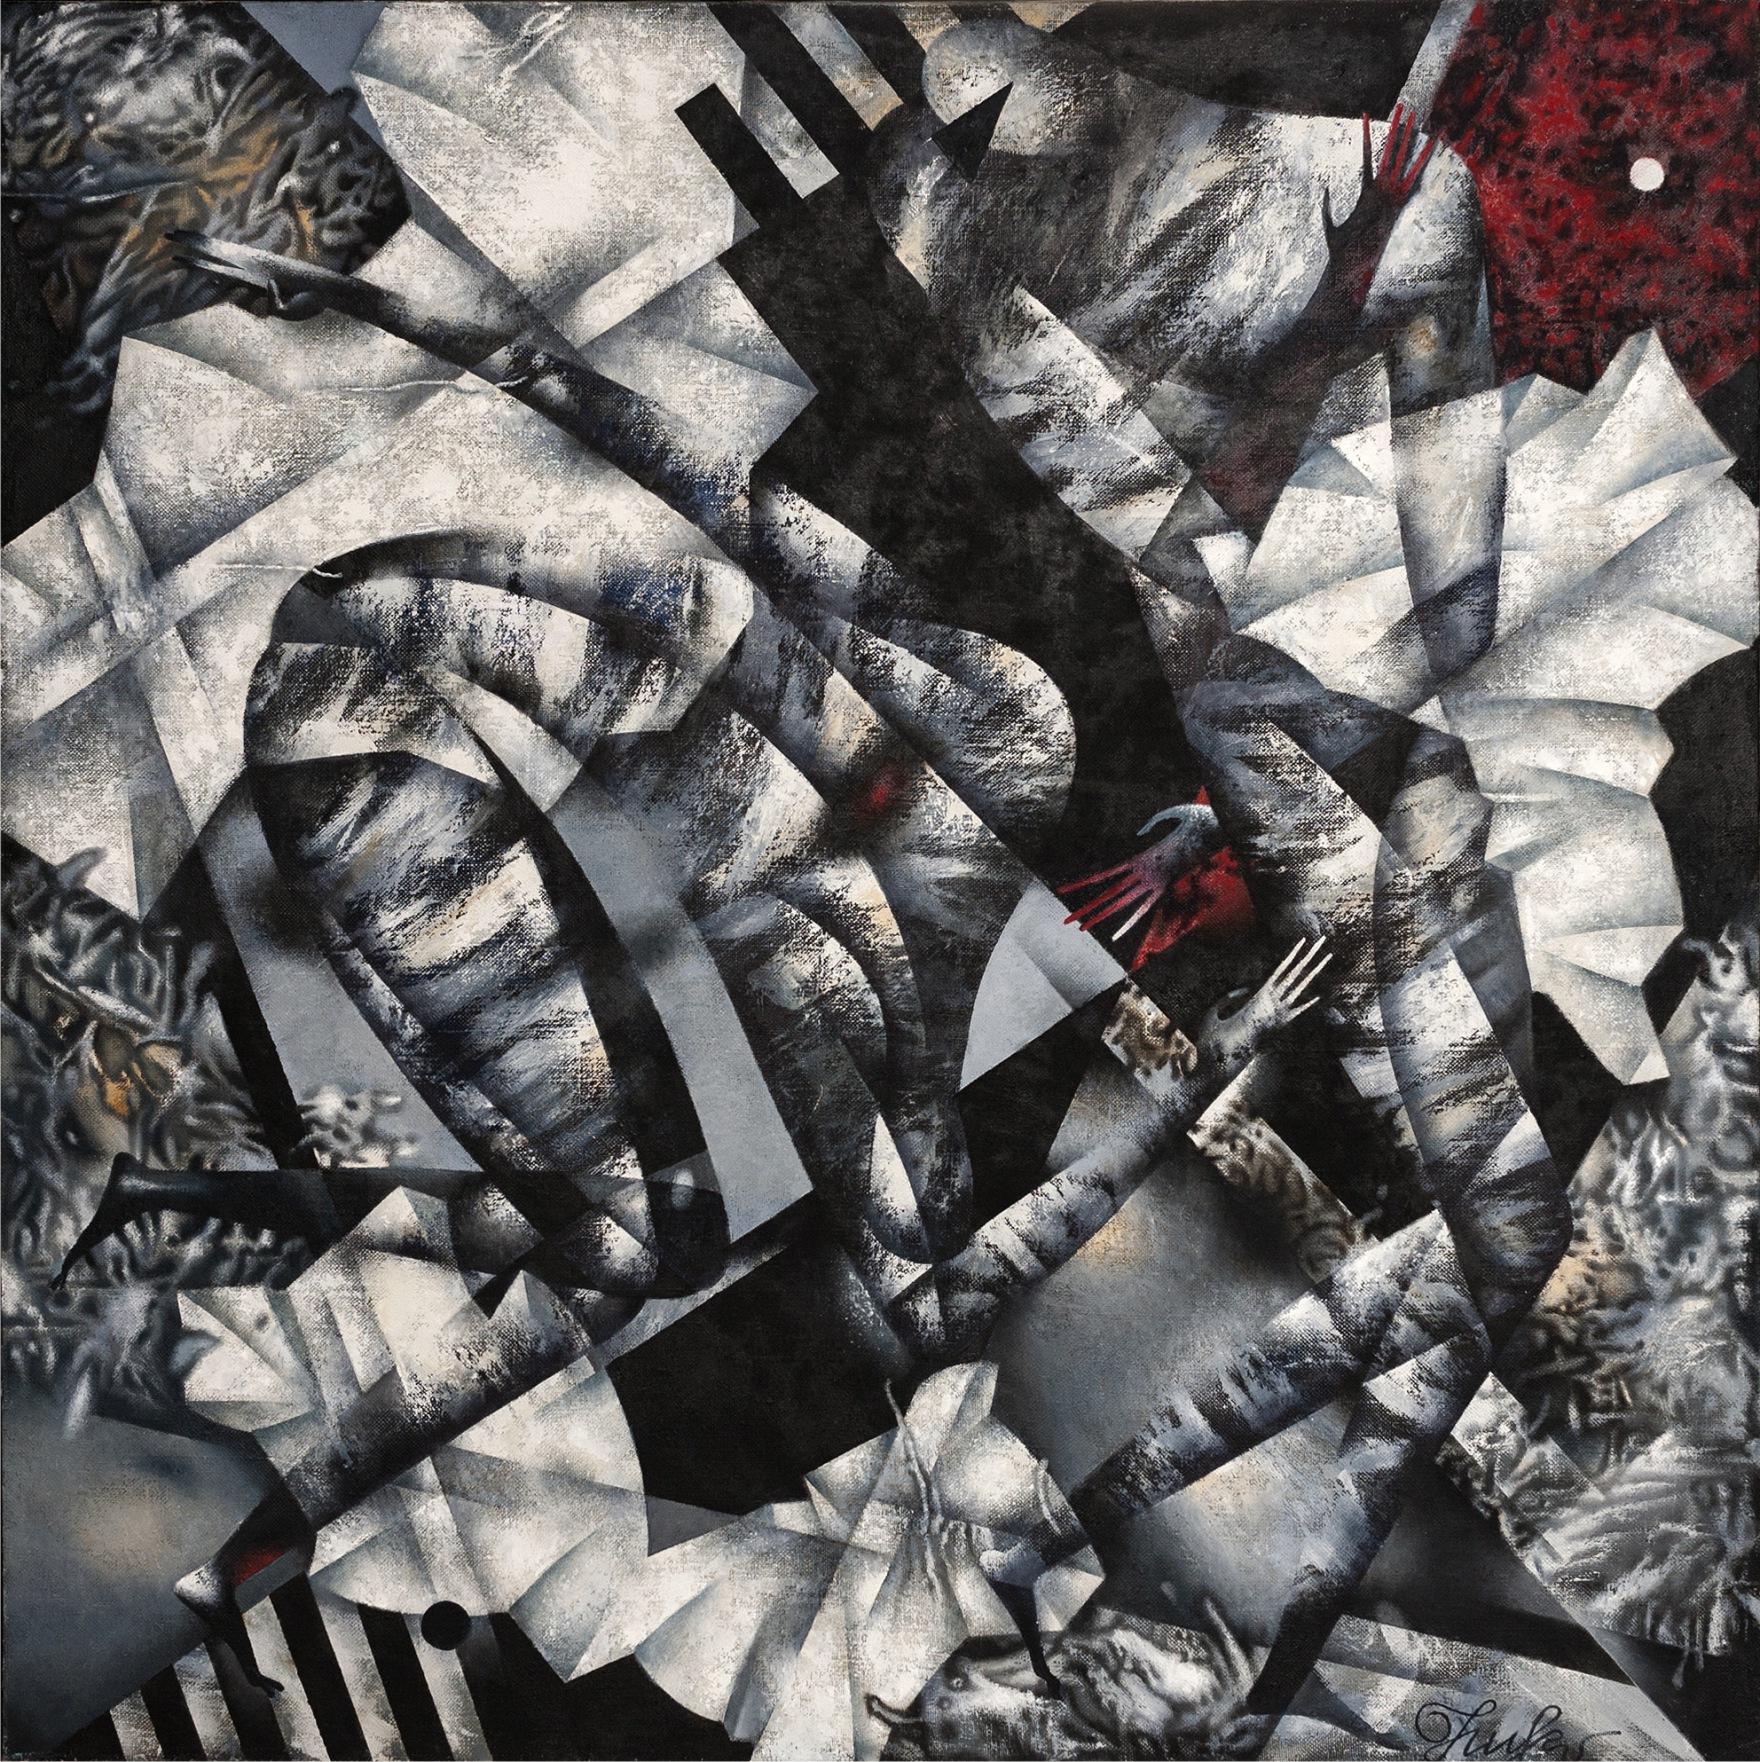 E. Nikanorov, Kain i Abel, olej na płótnie, 120x120 cm, 2014